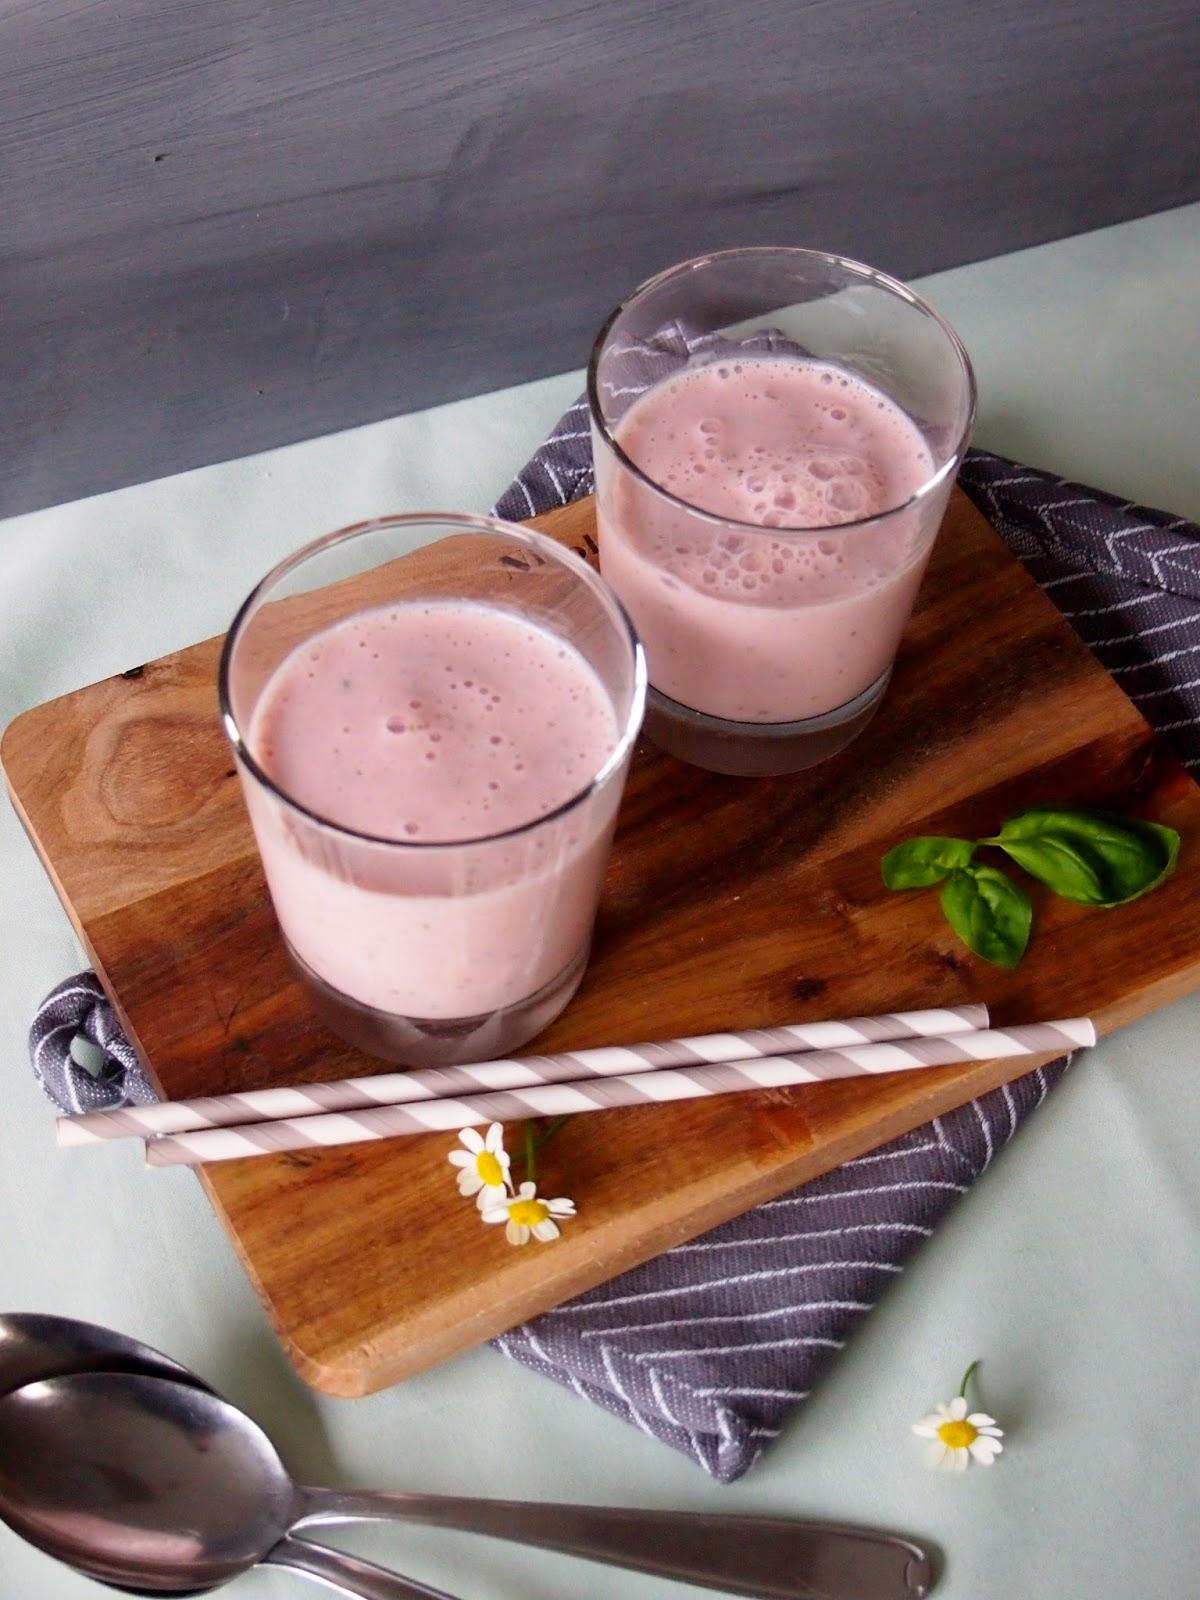 diezuckerb ckerei erdbeer smoothie mit basilikum. Black Bedroom Furniture Sets. Home Design Ideas